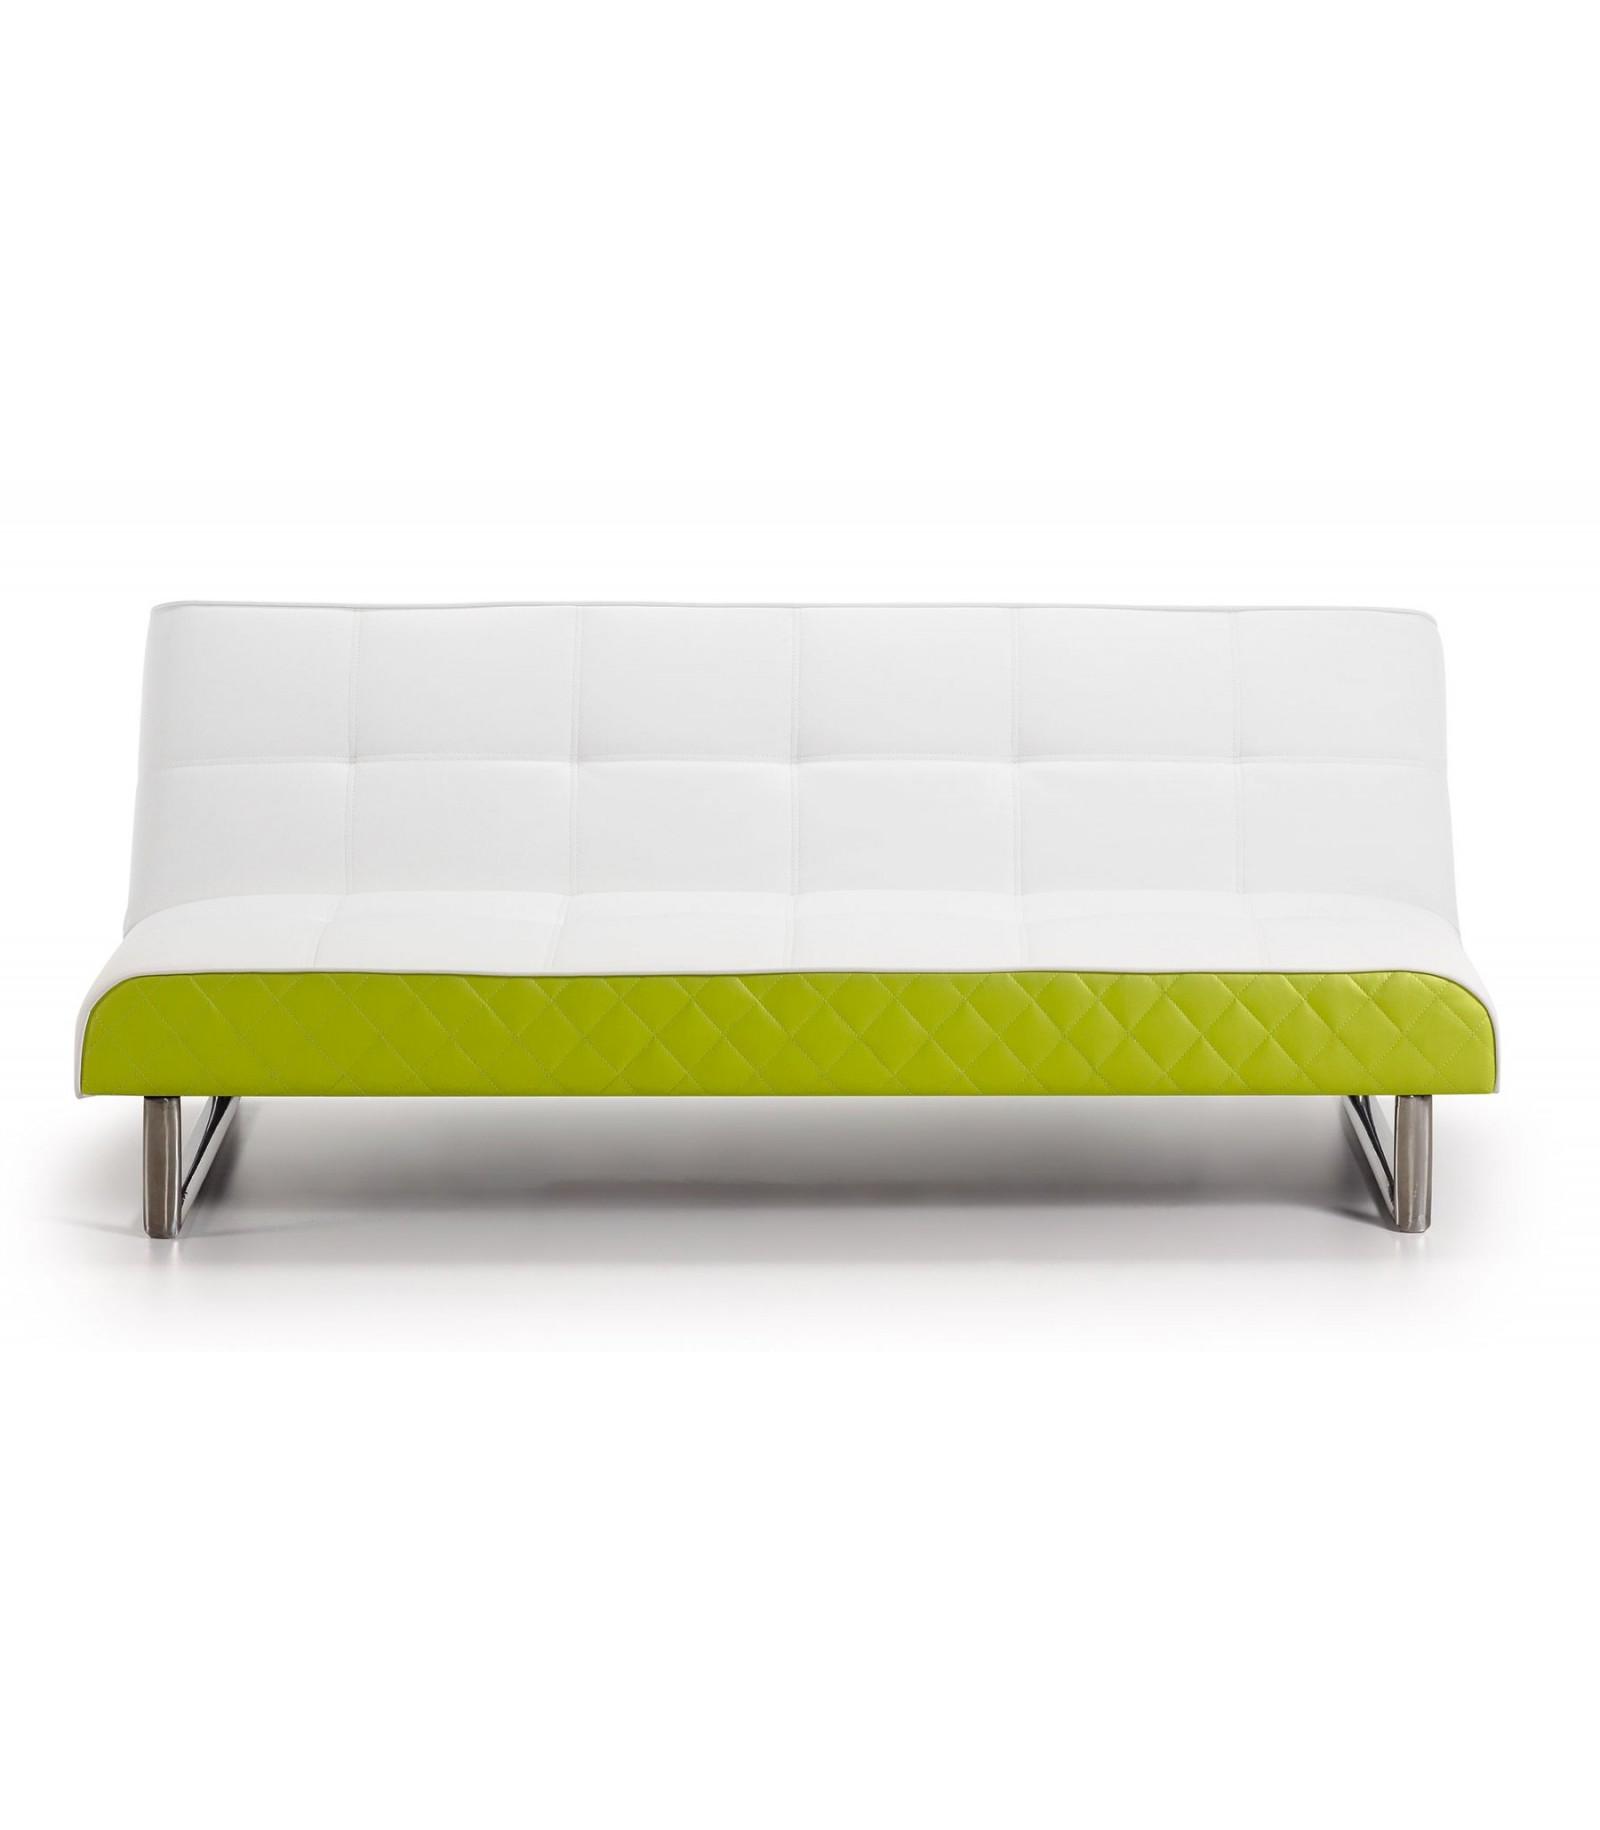 Divano letto 490 la casa moderna mariotti casa - Casa del divano letto ...